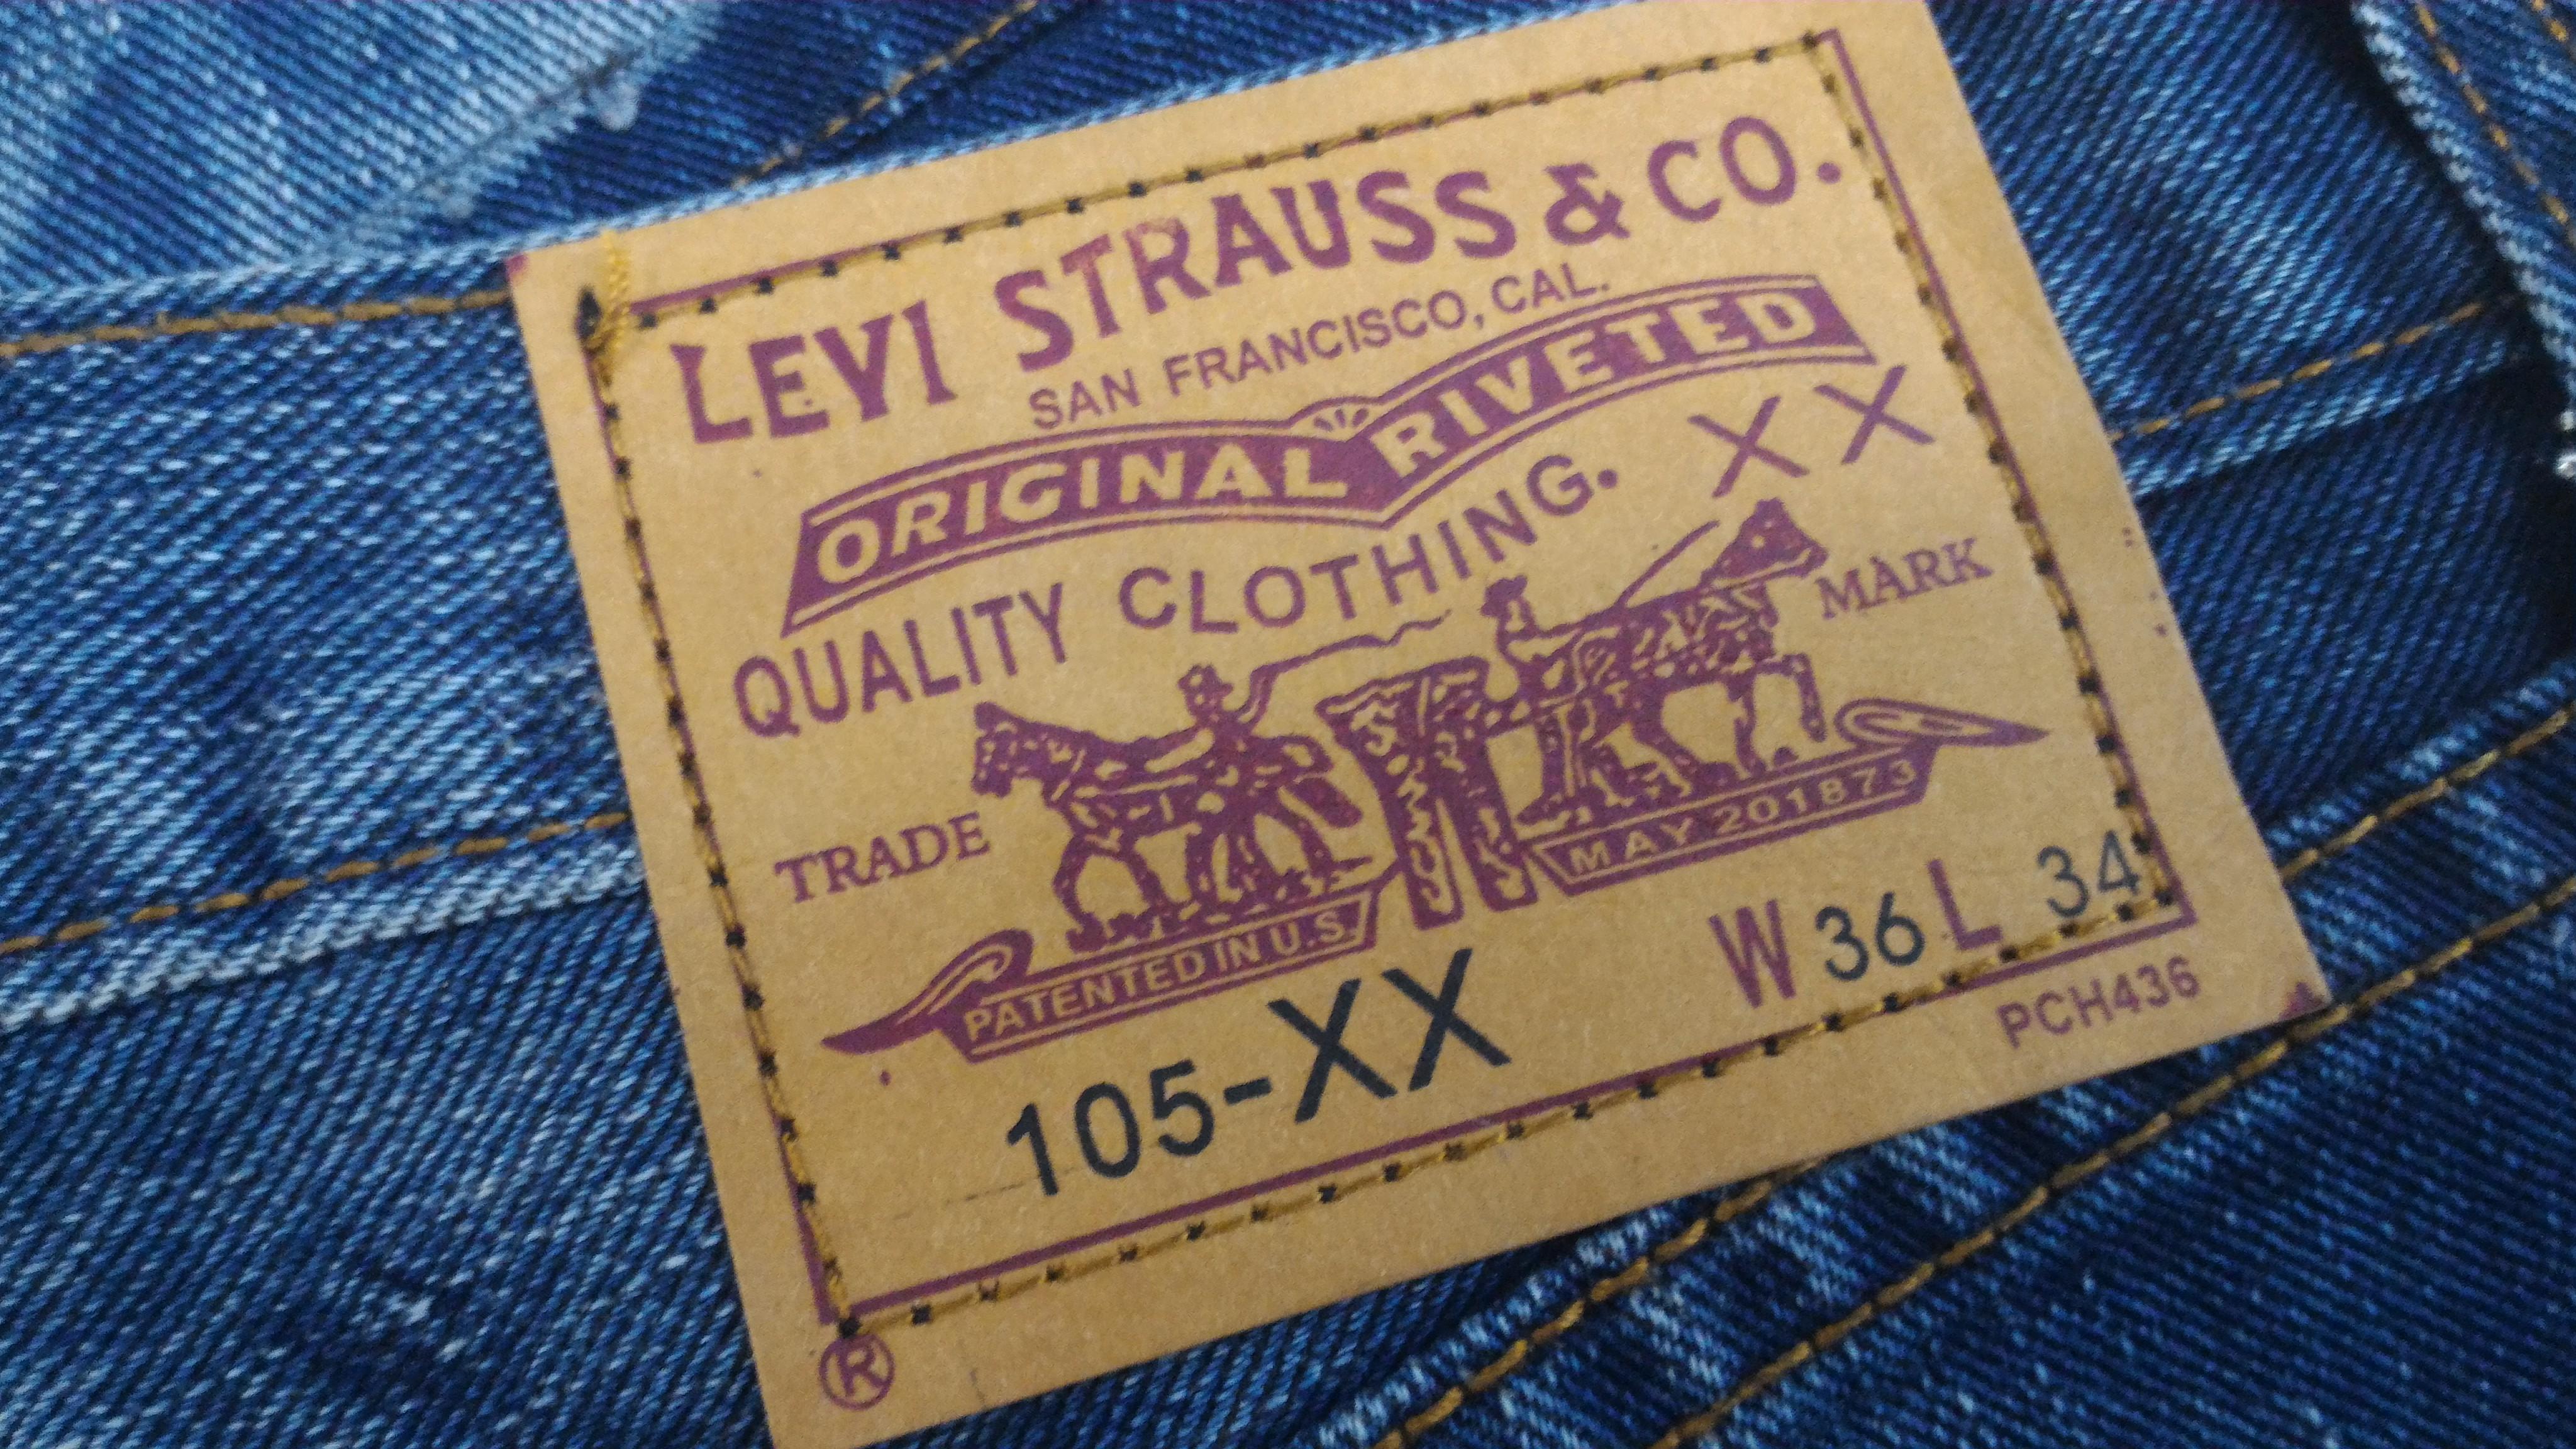 Super rare BNWT LEVIS X Kaws Original Fake jeans